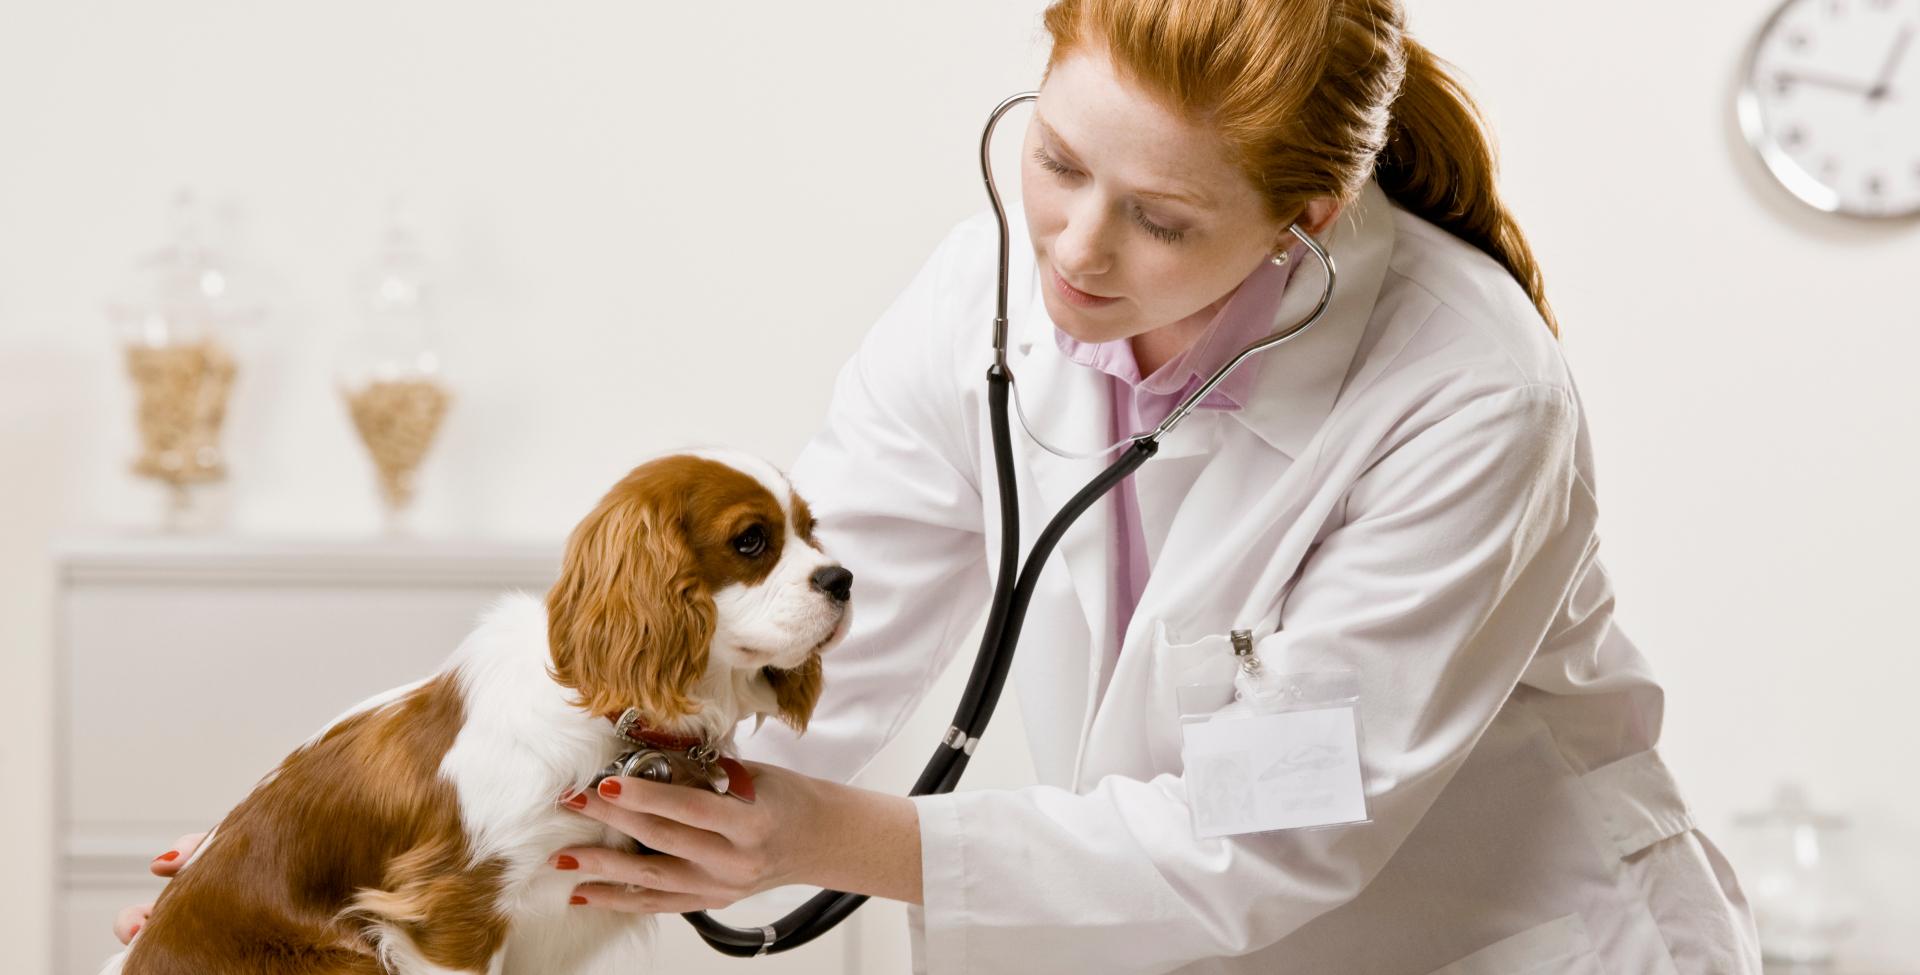 În curând, nu vei mai putea să dai medicamente animalelor fără implicarea veterinarului